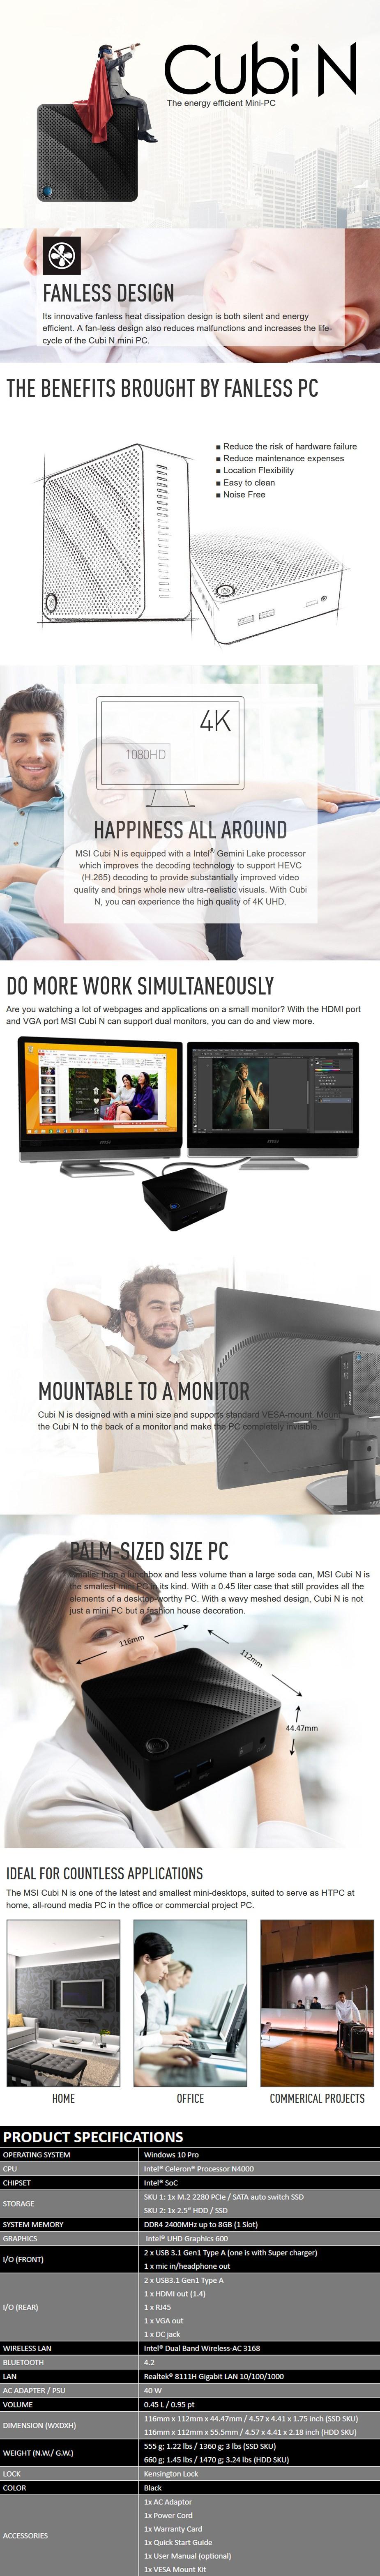 MSI Cubi N 8GL-037BAU Barebone Mini PC - Celeron N4000 - Black - Overview 1